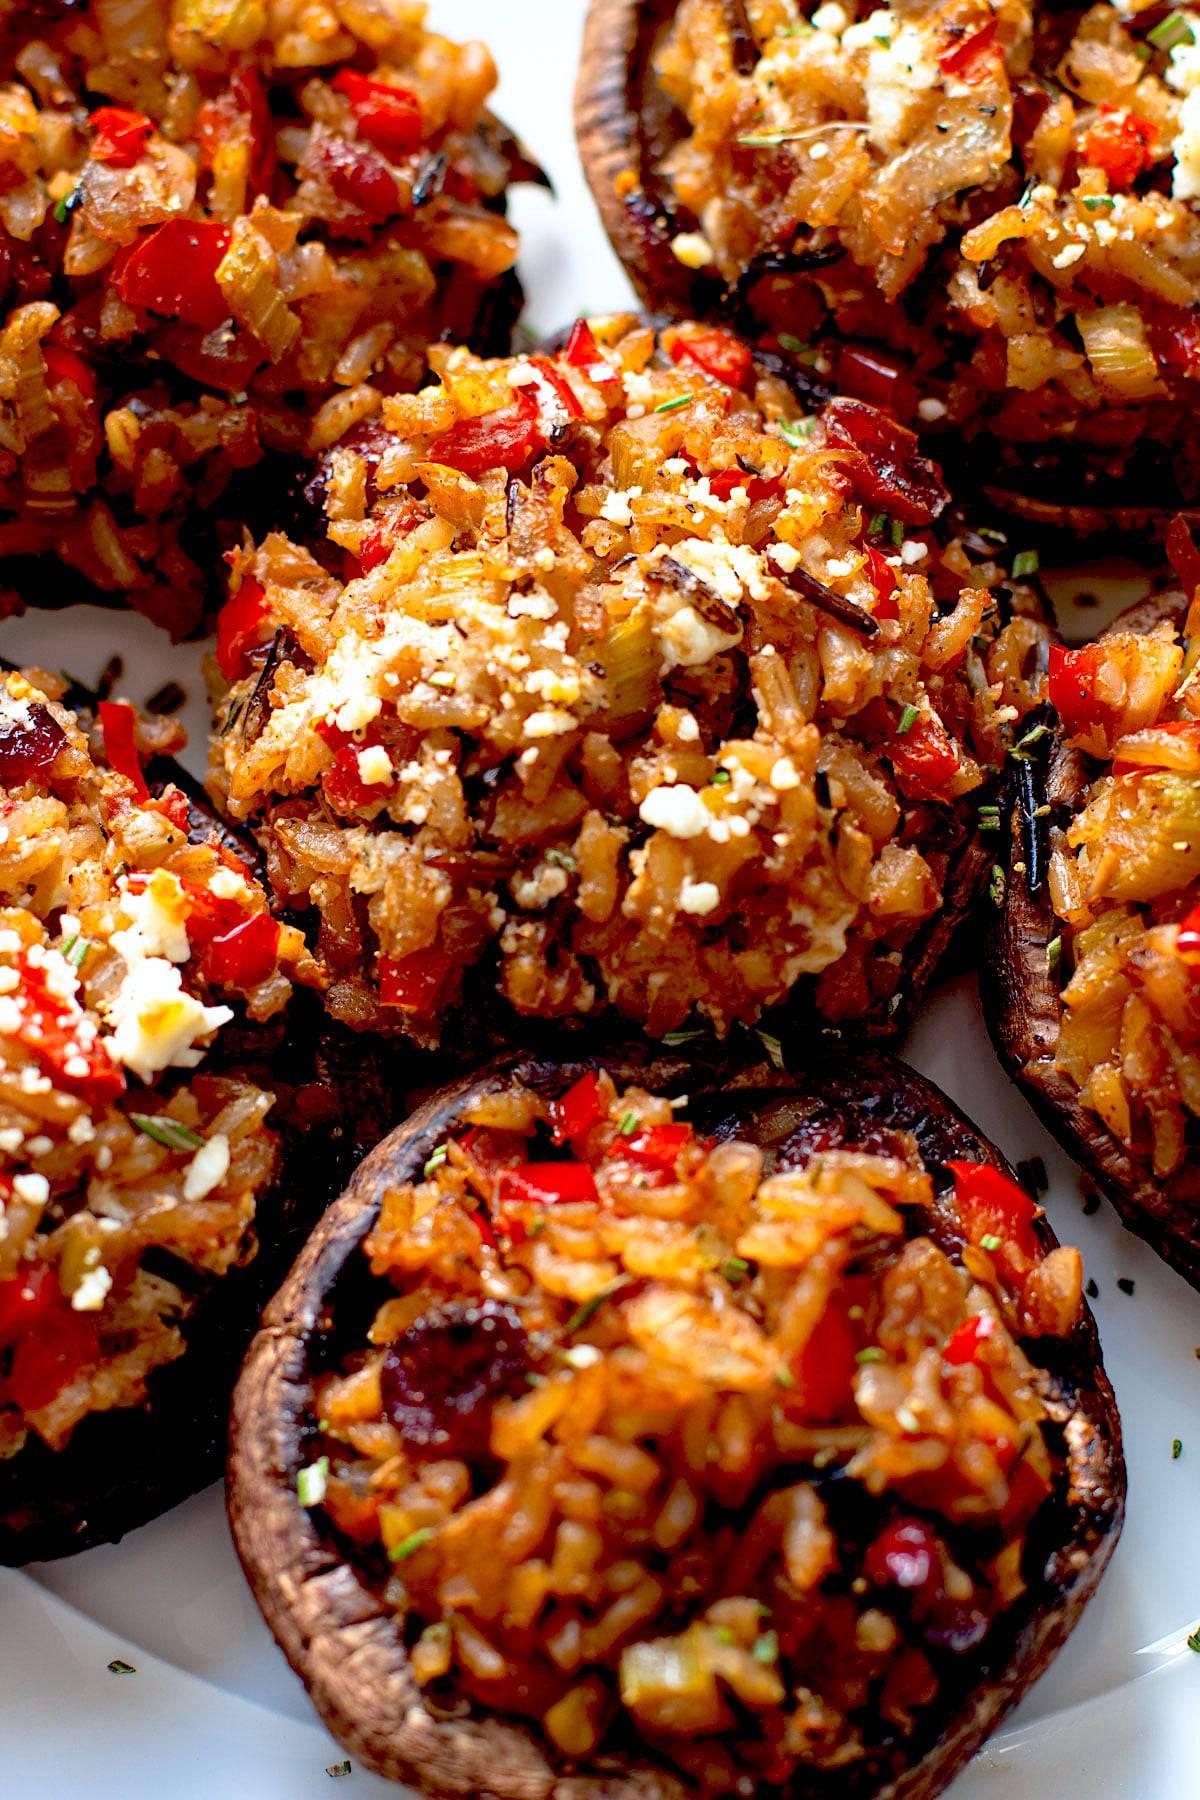 Vegetarian stuffed mushrooms on a plate.